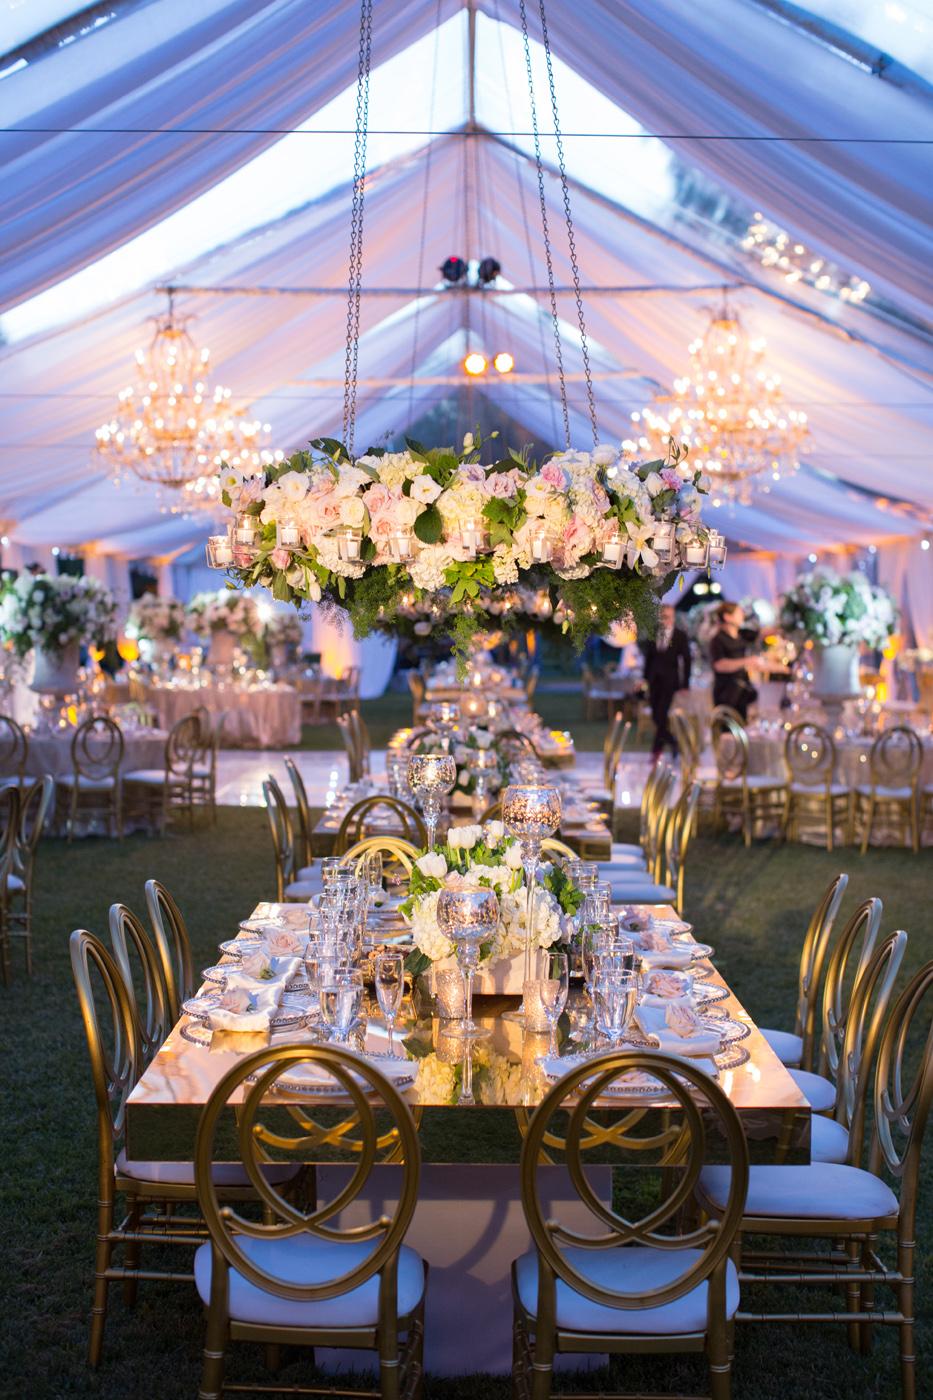 110_DukePhotography_DukeImages_Wedding_Details.jpg